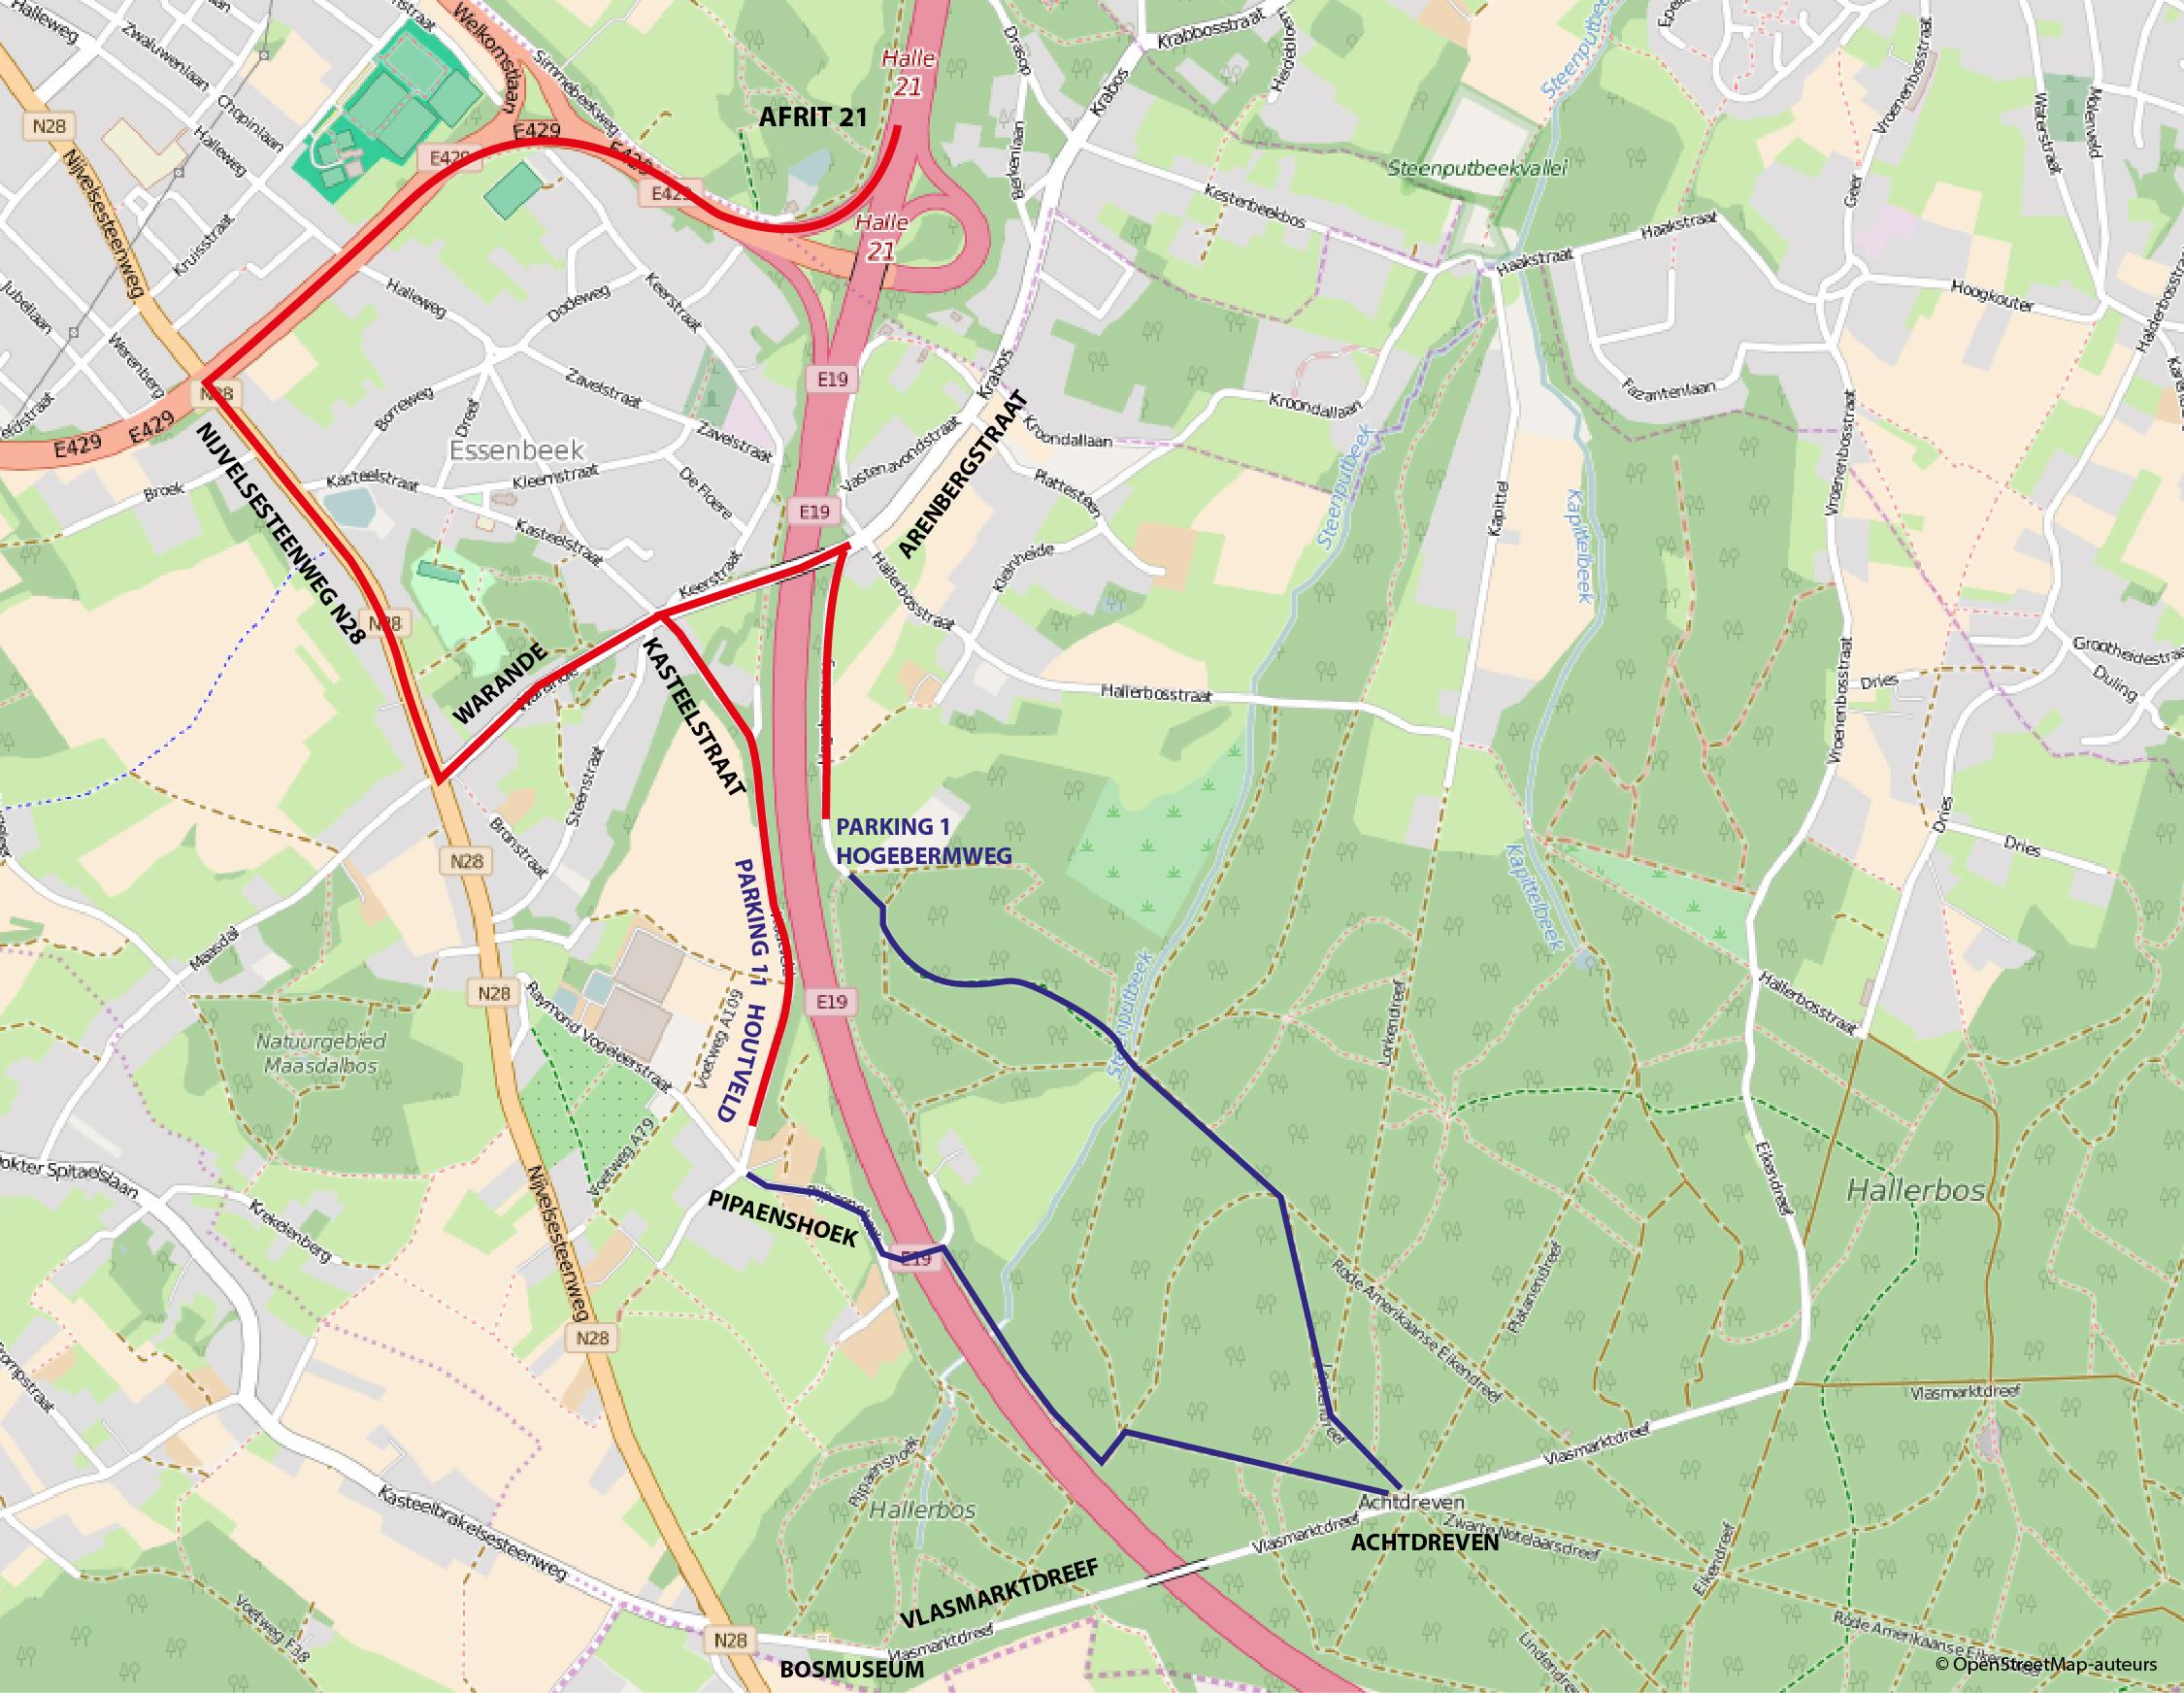 kaart wegbeschrijving hallerbos hogebermweg houtveld